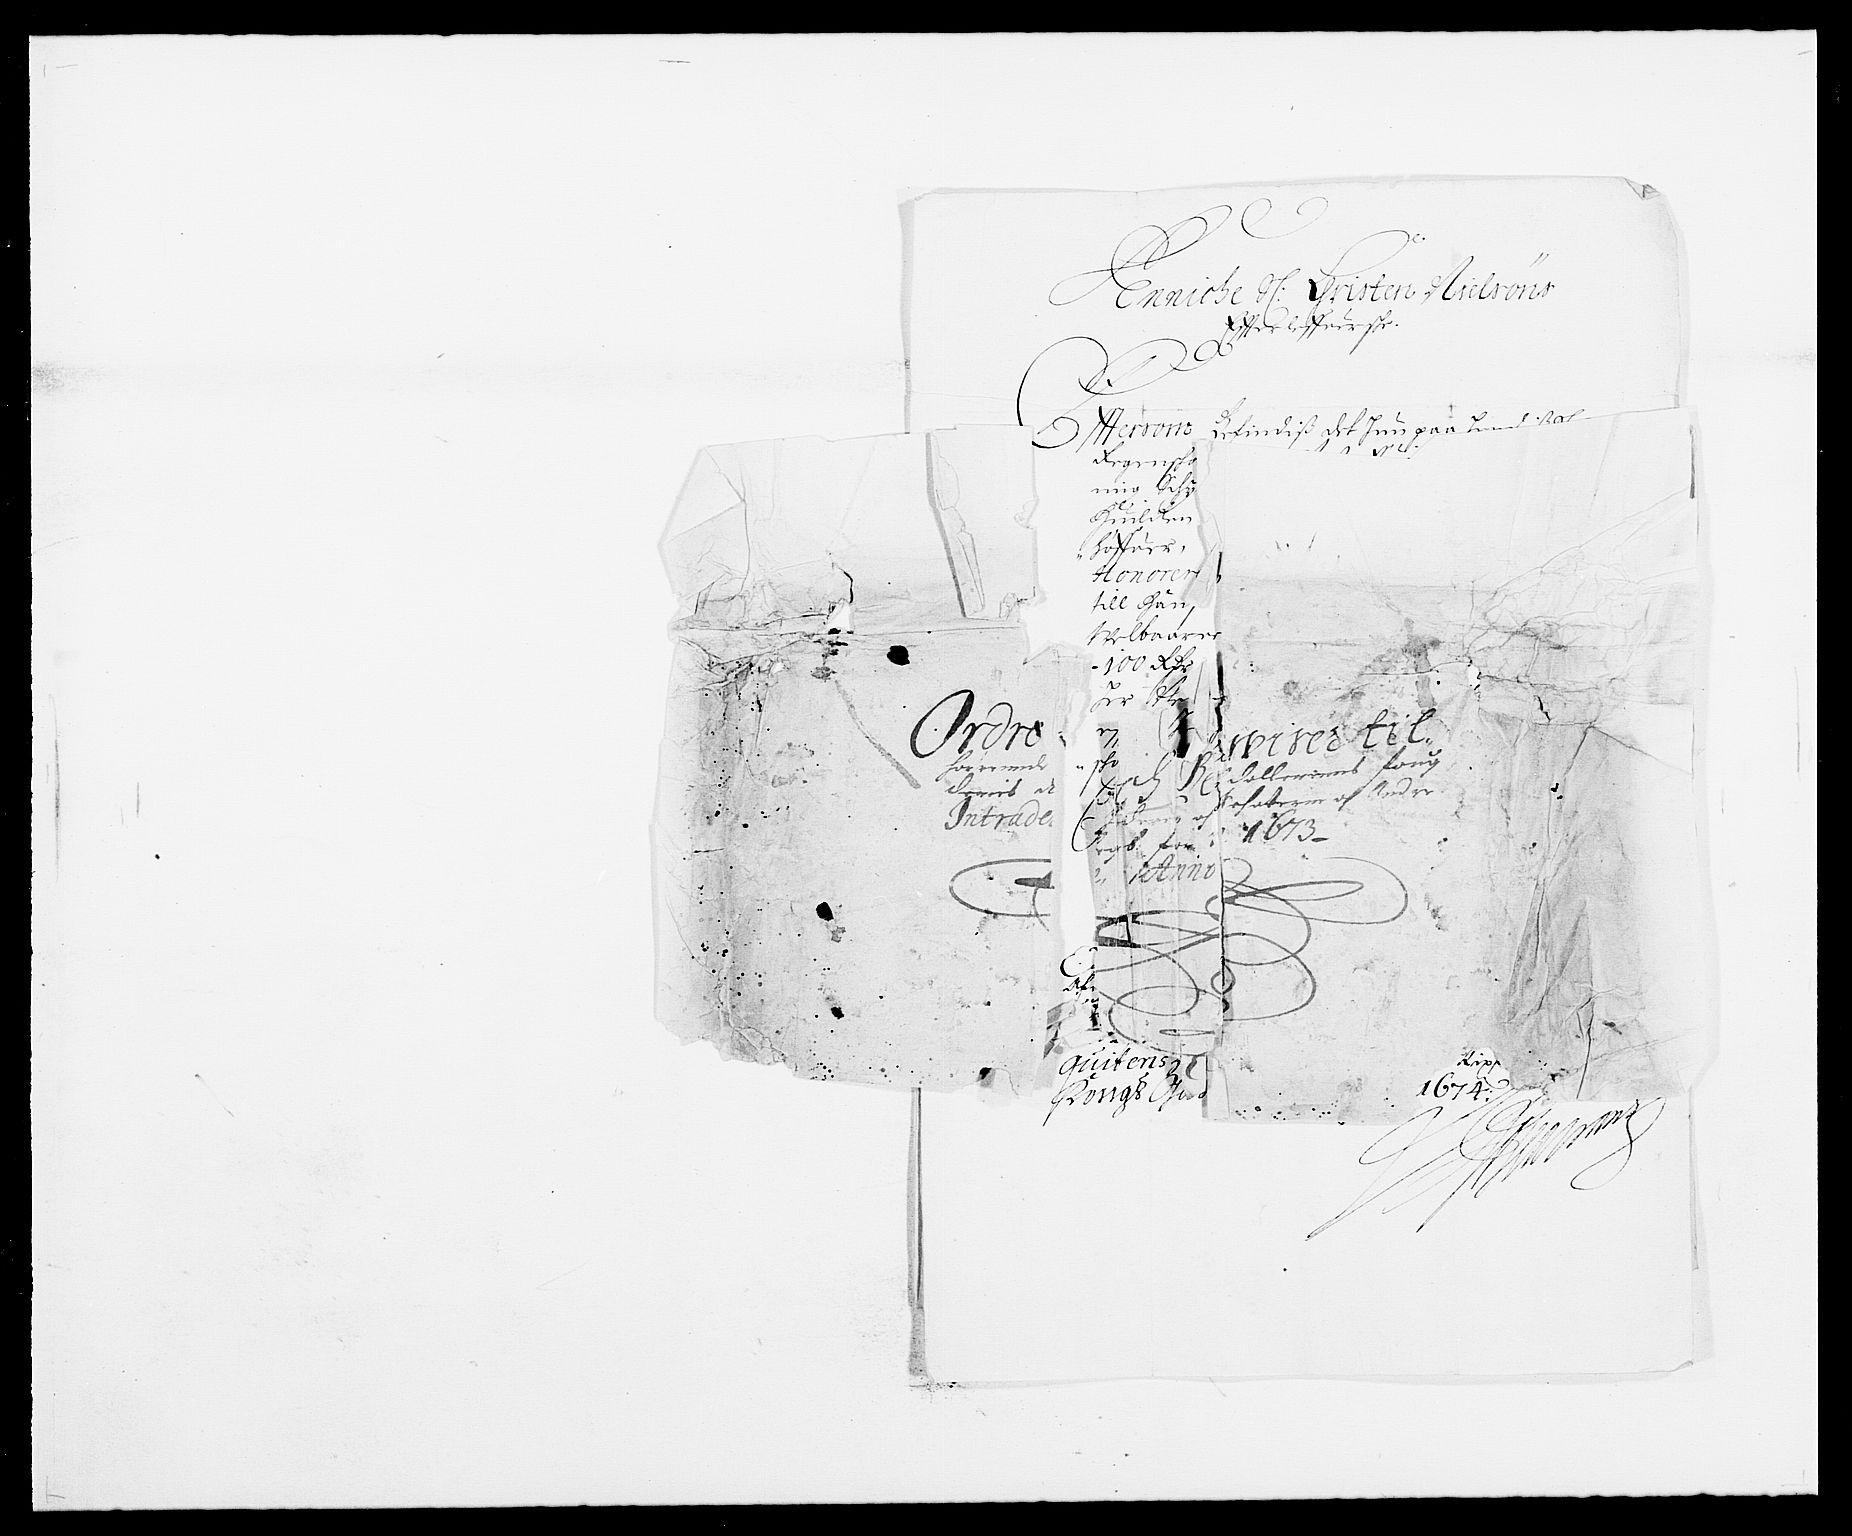 RA, Rentekammeret inntil 1814, Reviderte regnskaper, Fogderegnskap, R46/L2714: Fogderegnskap Jæren og Dalane, 1673-1674, s. 119